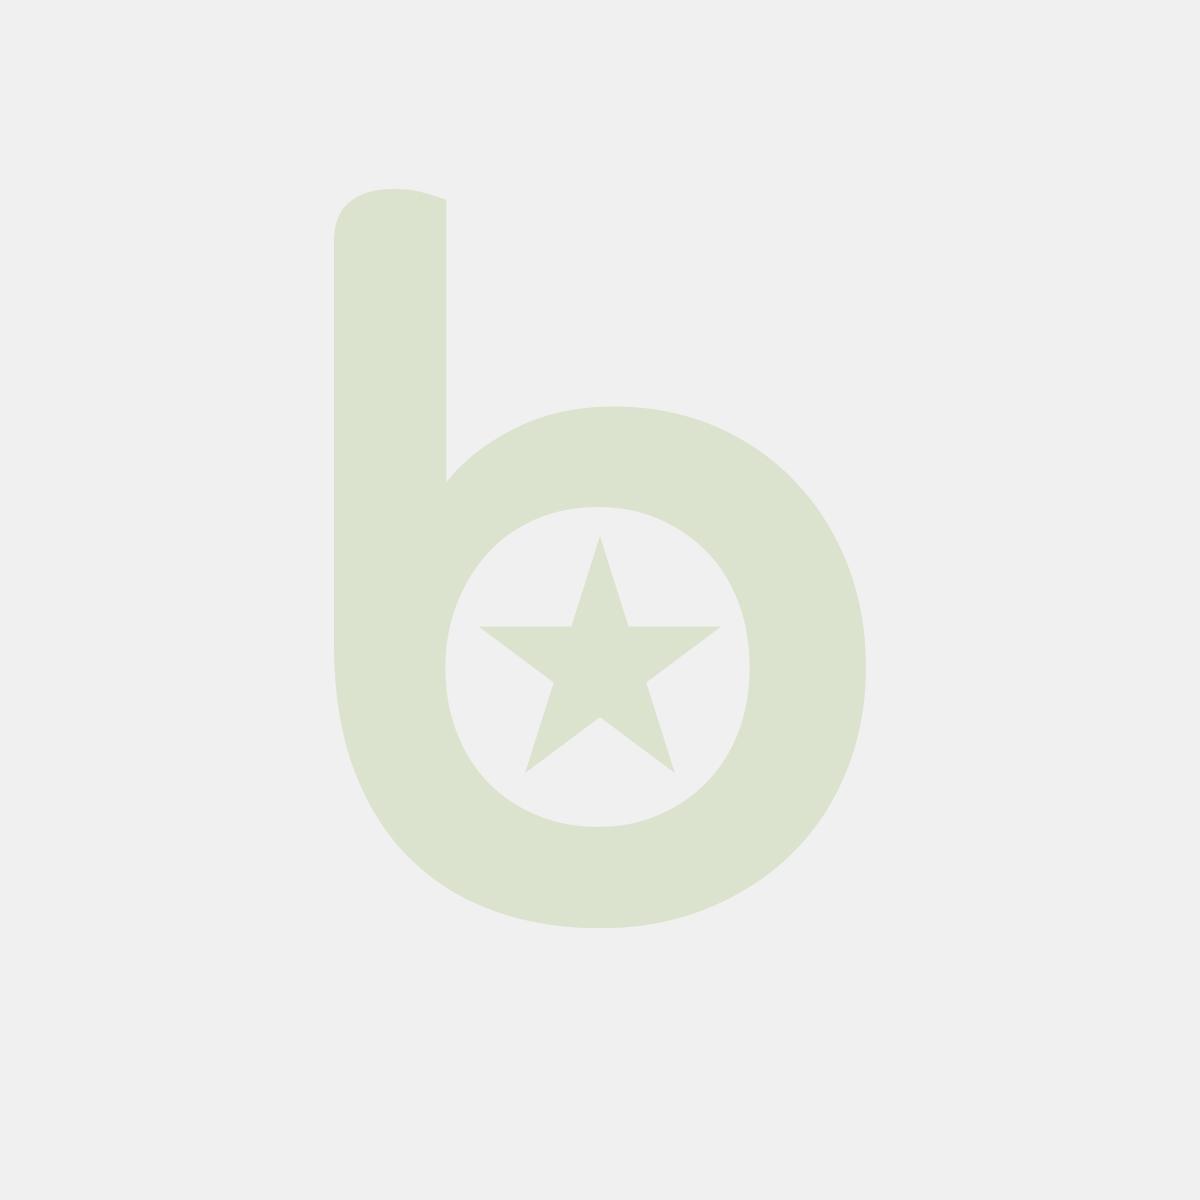 Koperty samoklejące (SK) NC, 1000 sztuk, białe, DL, okno prawe, 14043/11221200